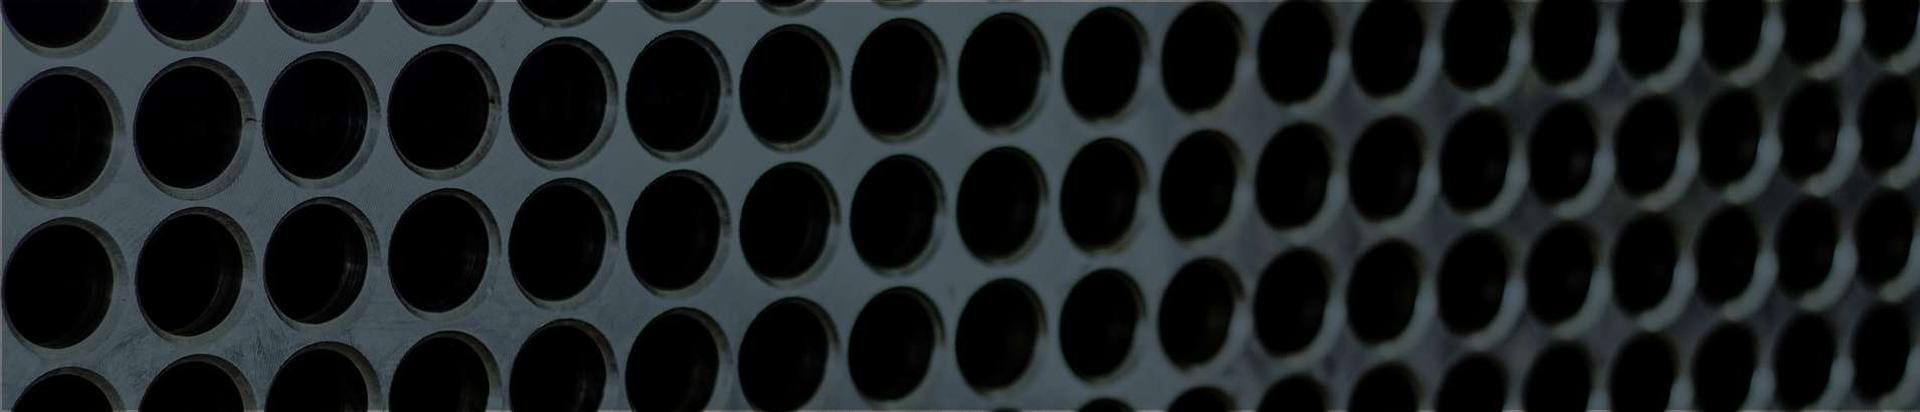 10416492_estanc-as_44195244_xl.jpg